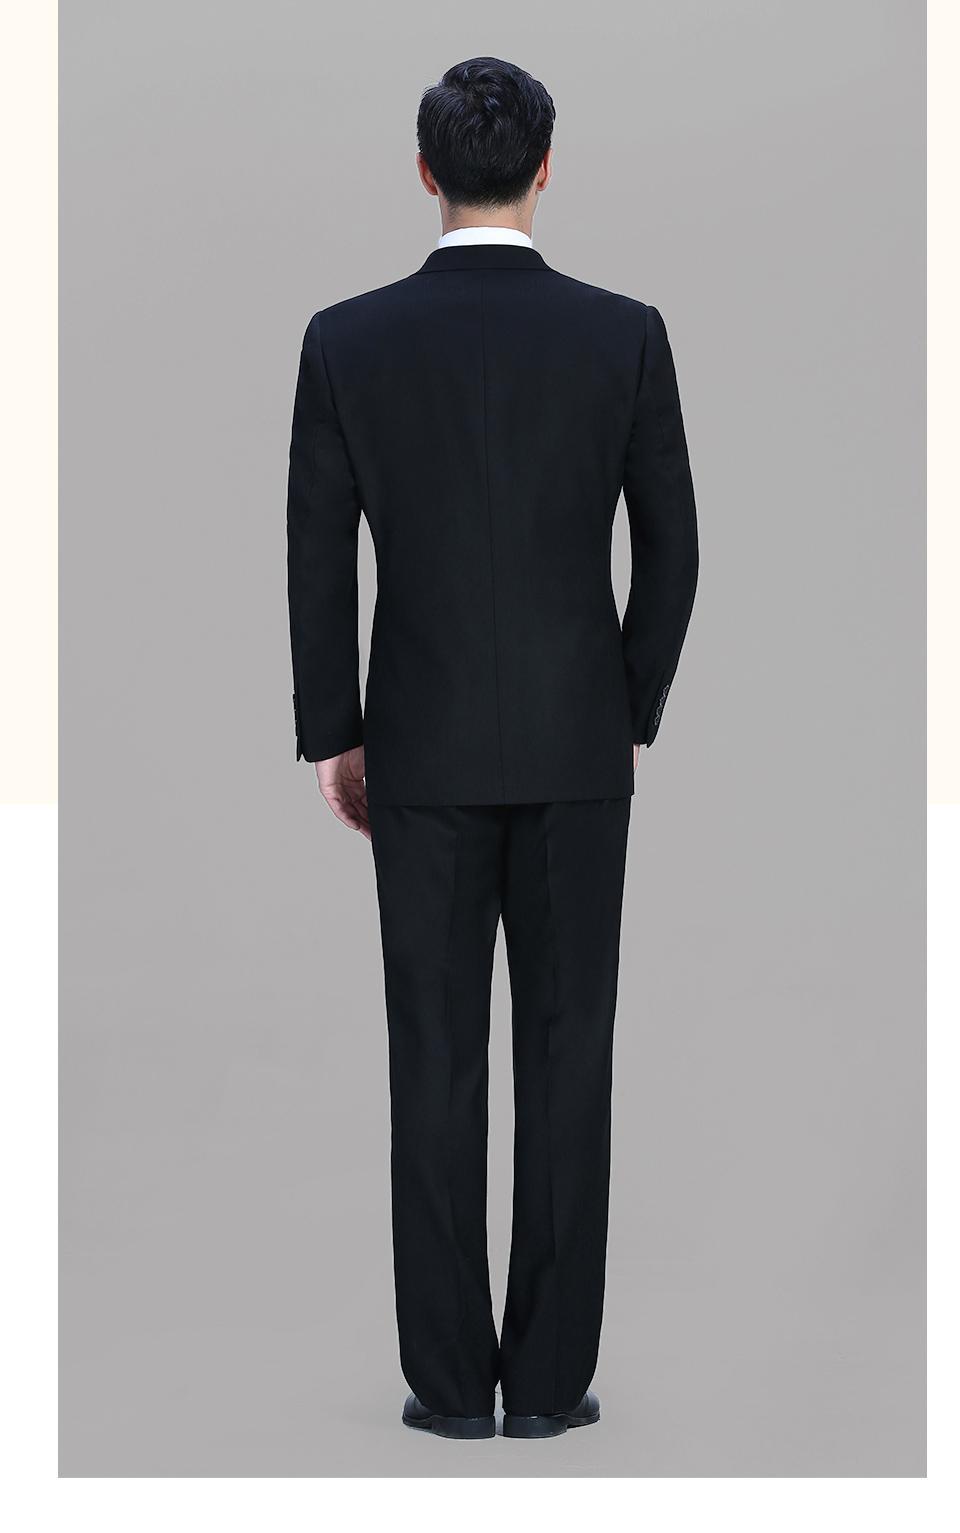 新款黑色男士休闲西装商务二粒扣西服FX002